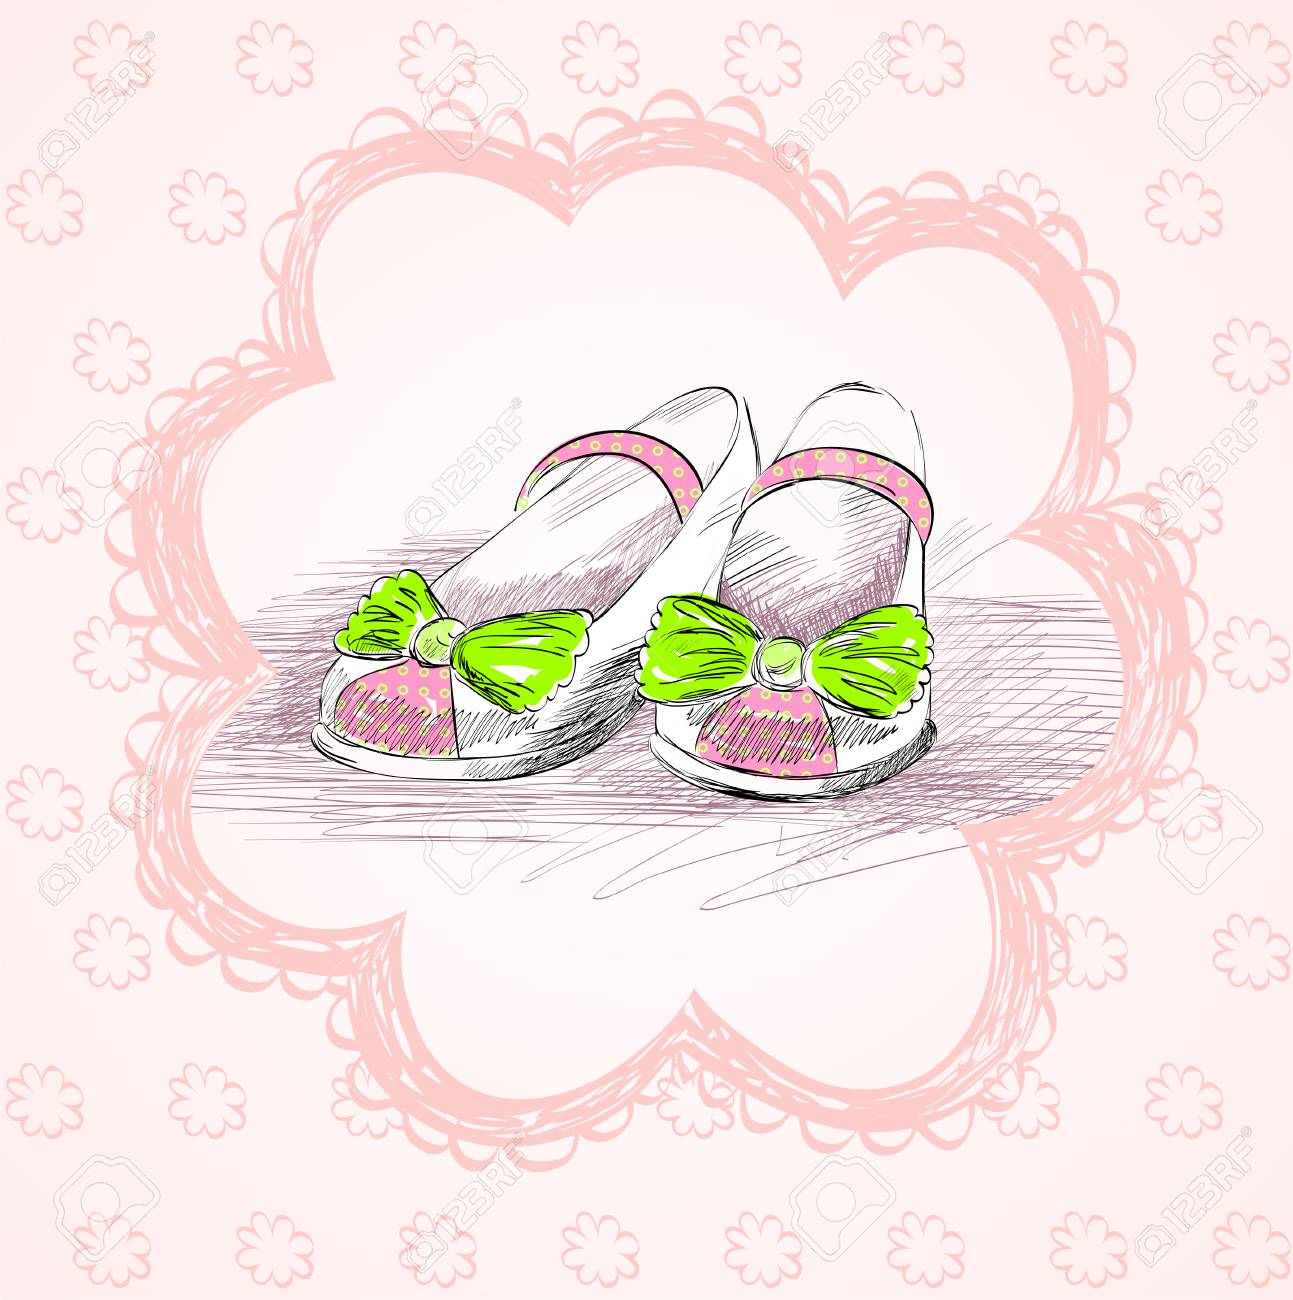 Modische Schuhe Für Kleine Mädchen In Einem Rahmen Lizenzfrei ...